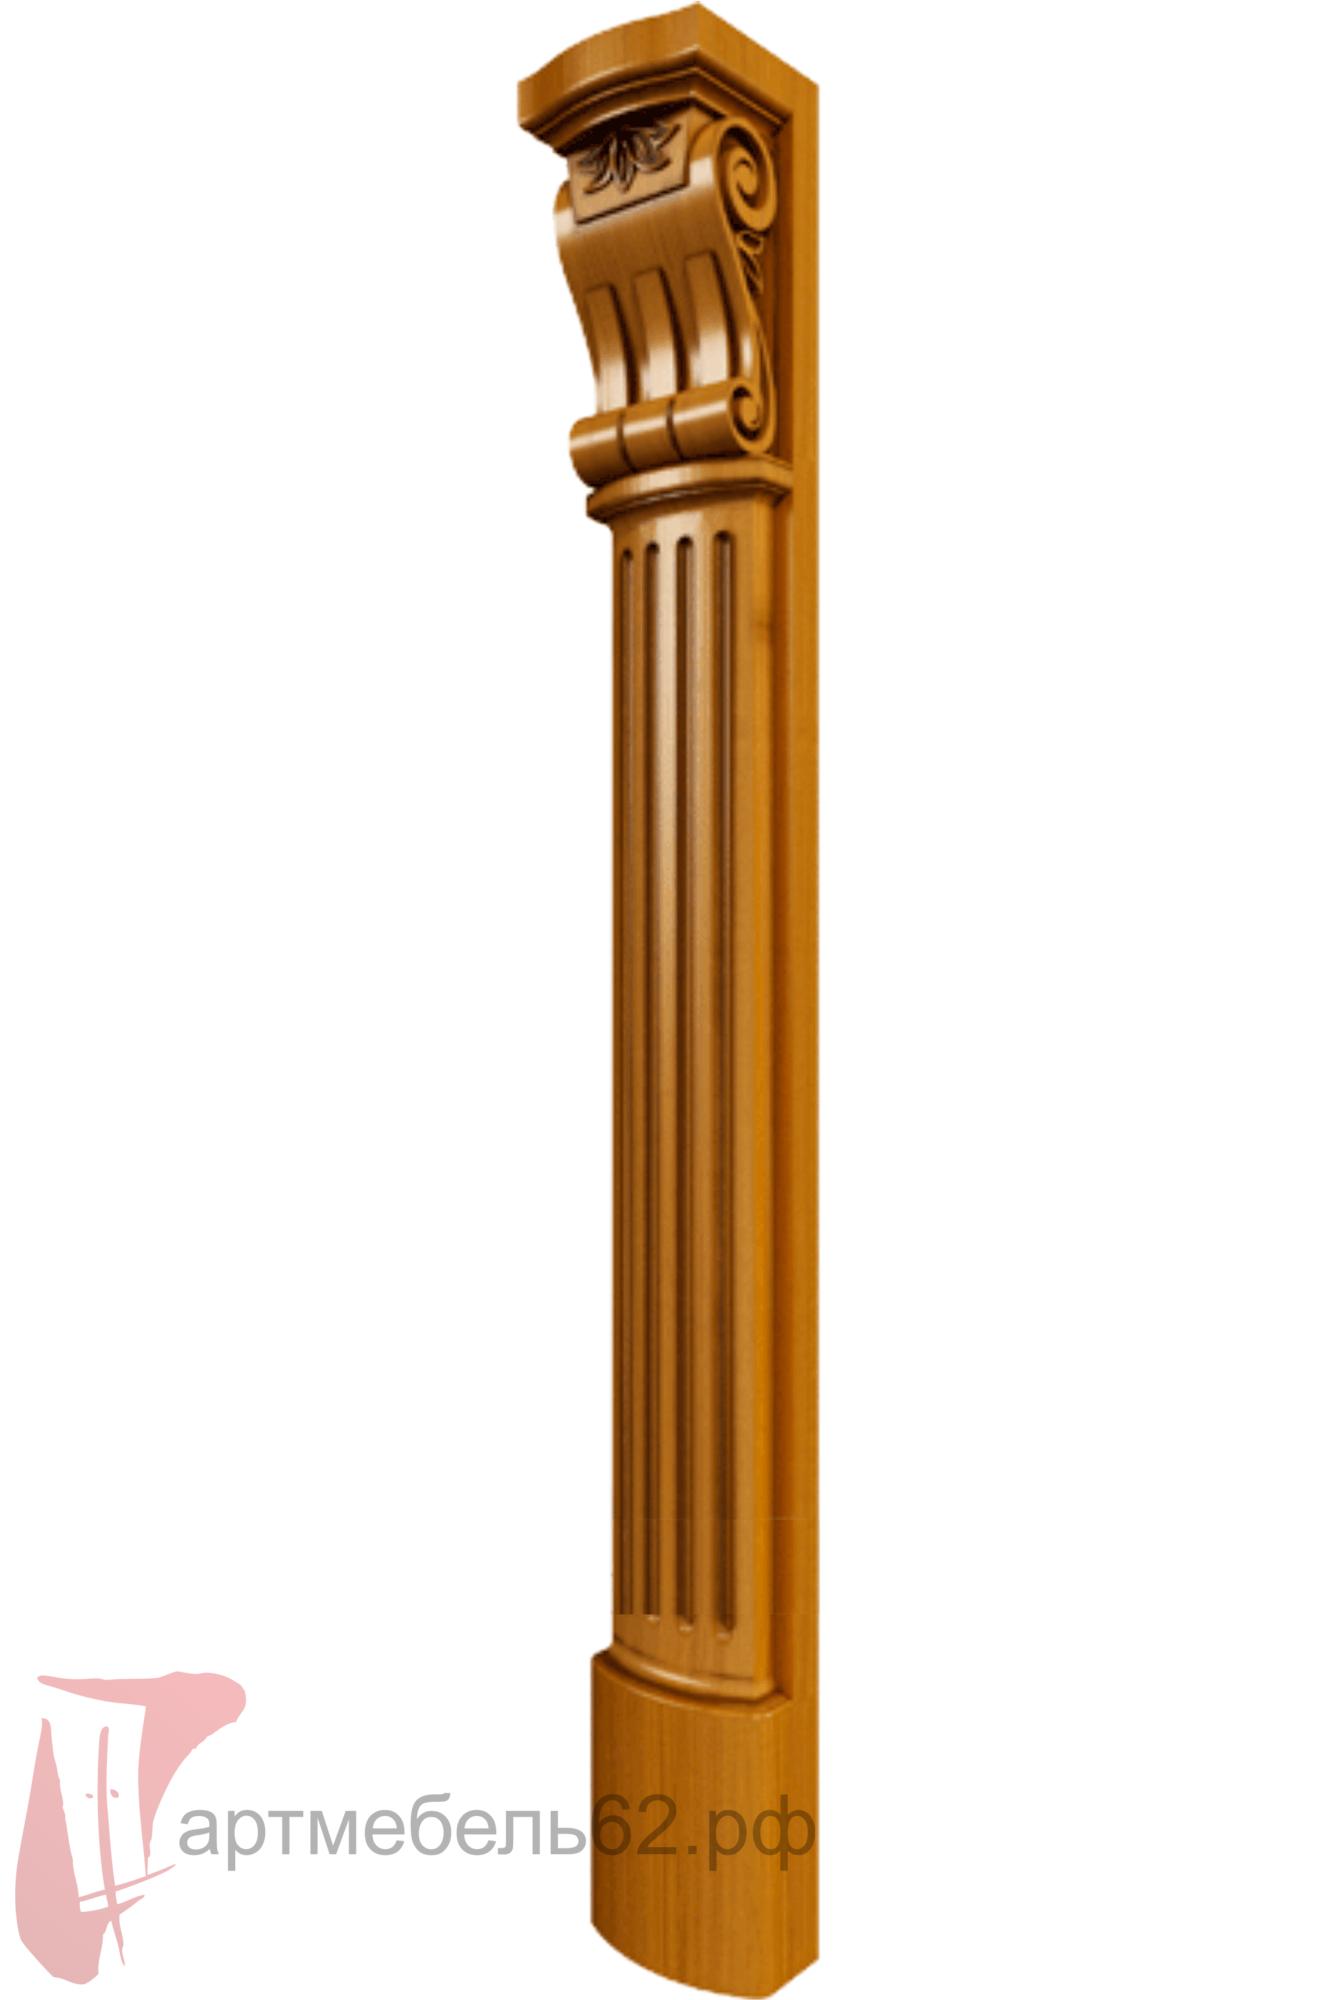 Декоративные колонны из дерева